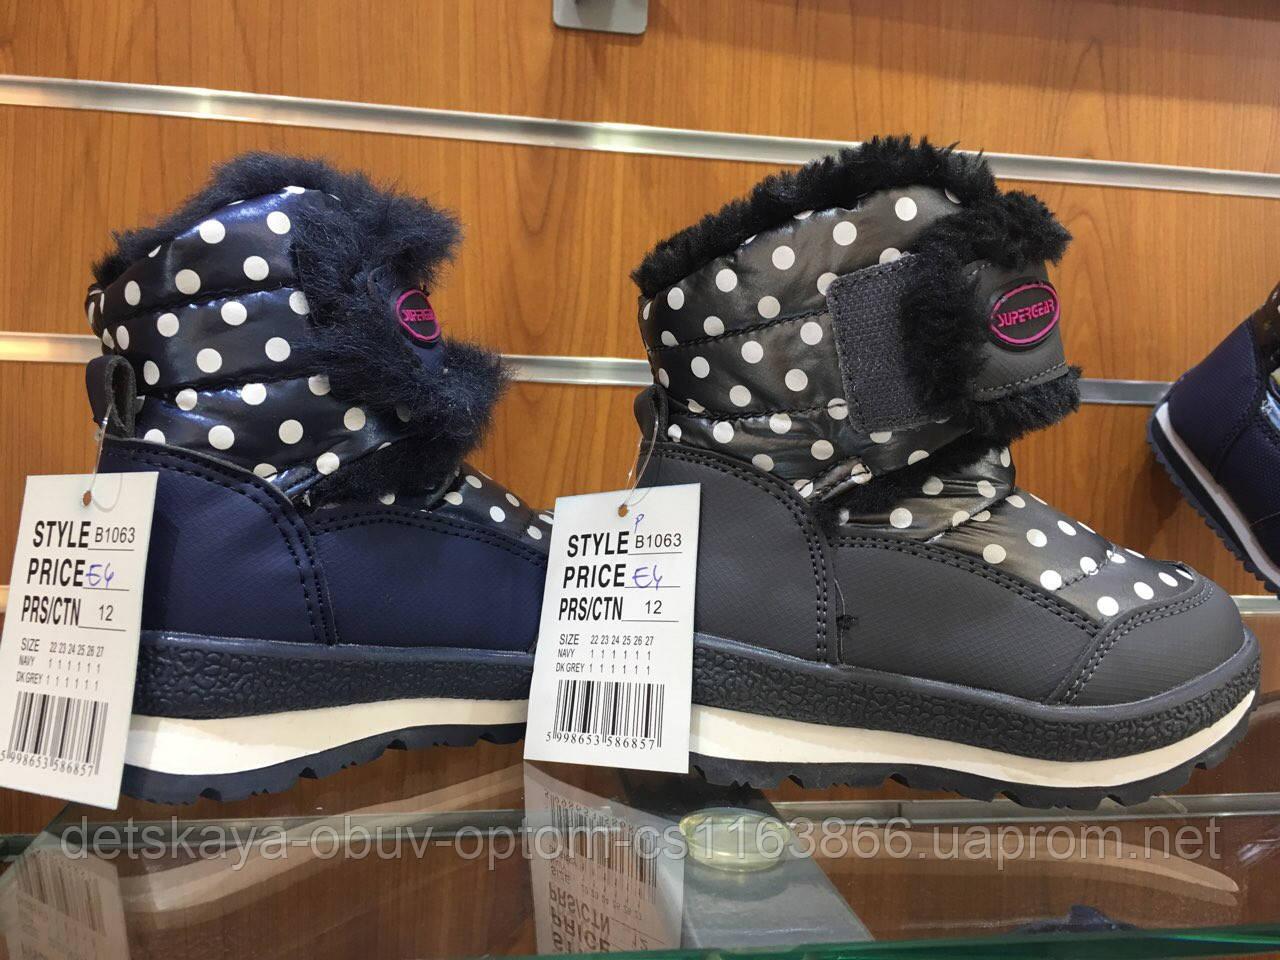 e04f102590ab Детская дутая обувь Super Gaer для девочек Размеры 22-27 - интернет-магазин  ДЕТСКОЙ